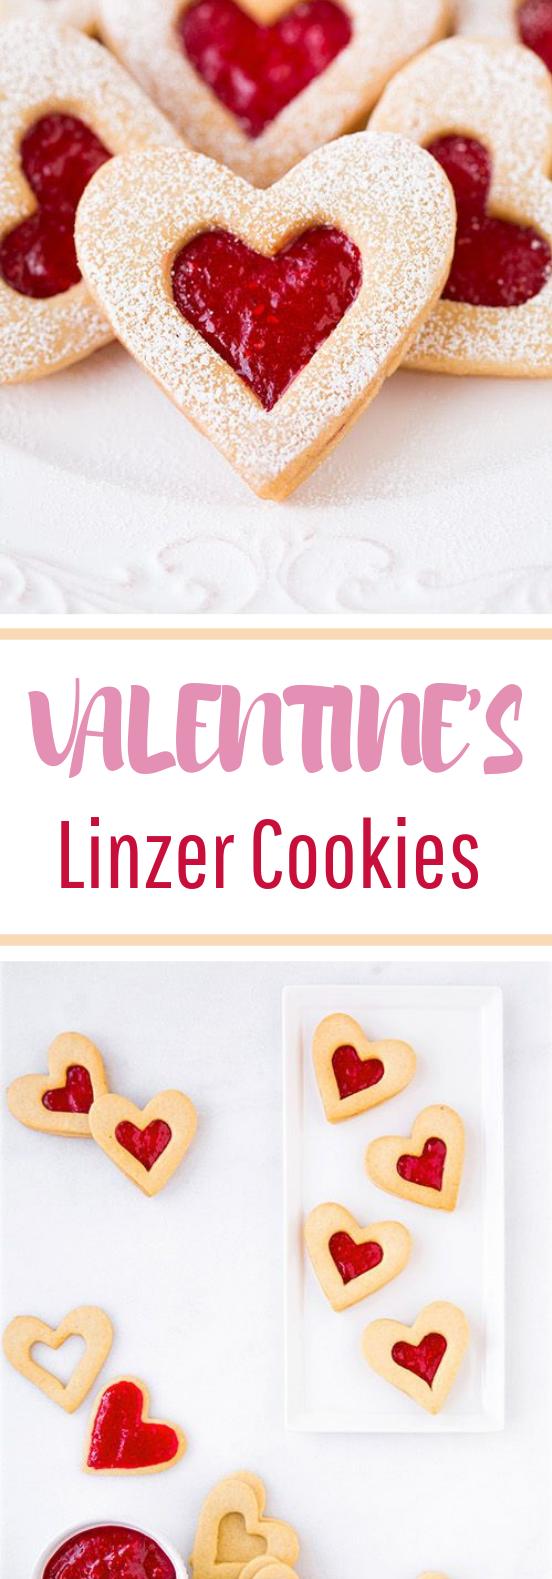 Heart Linzer Cookies #valentine's #desserts